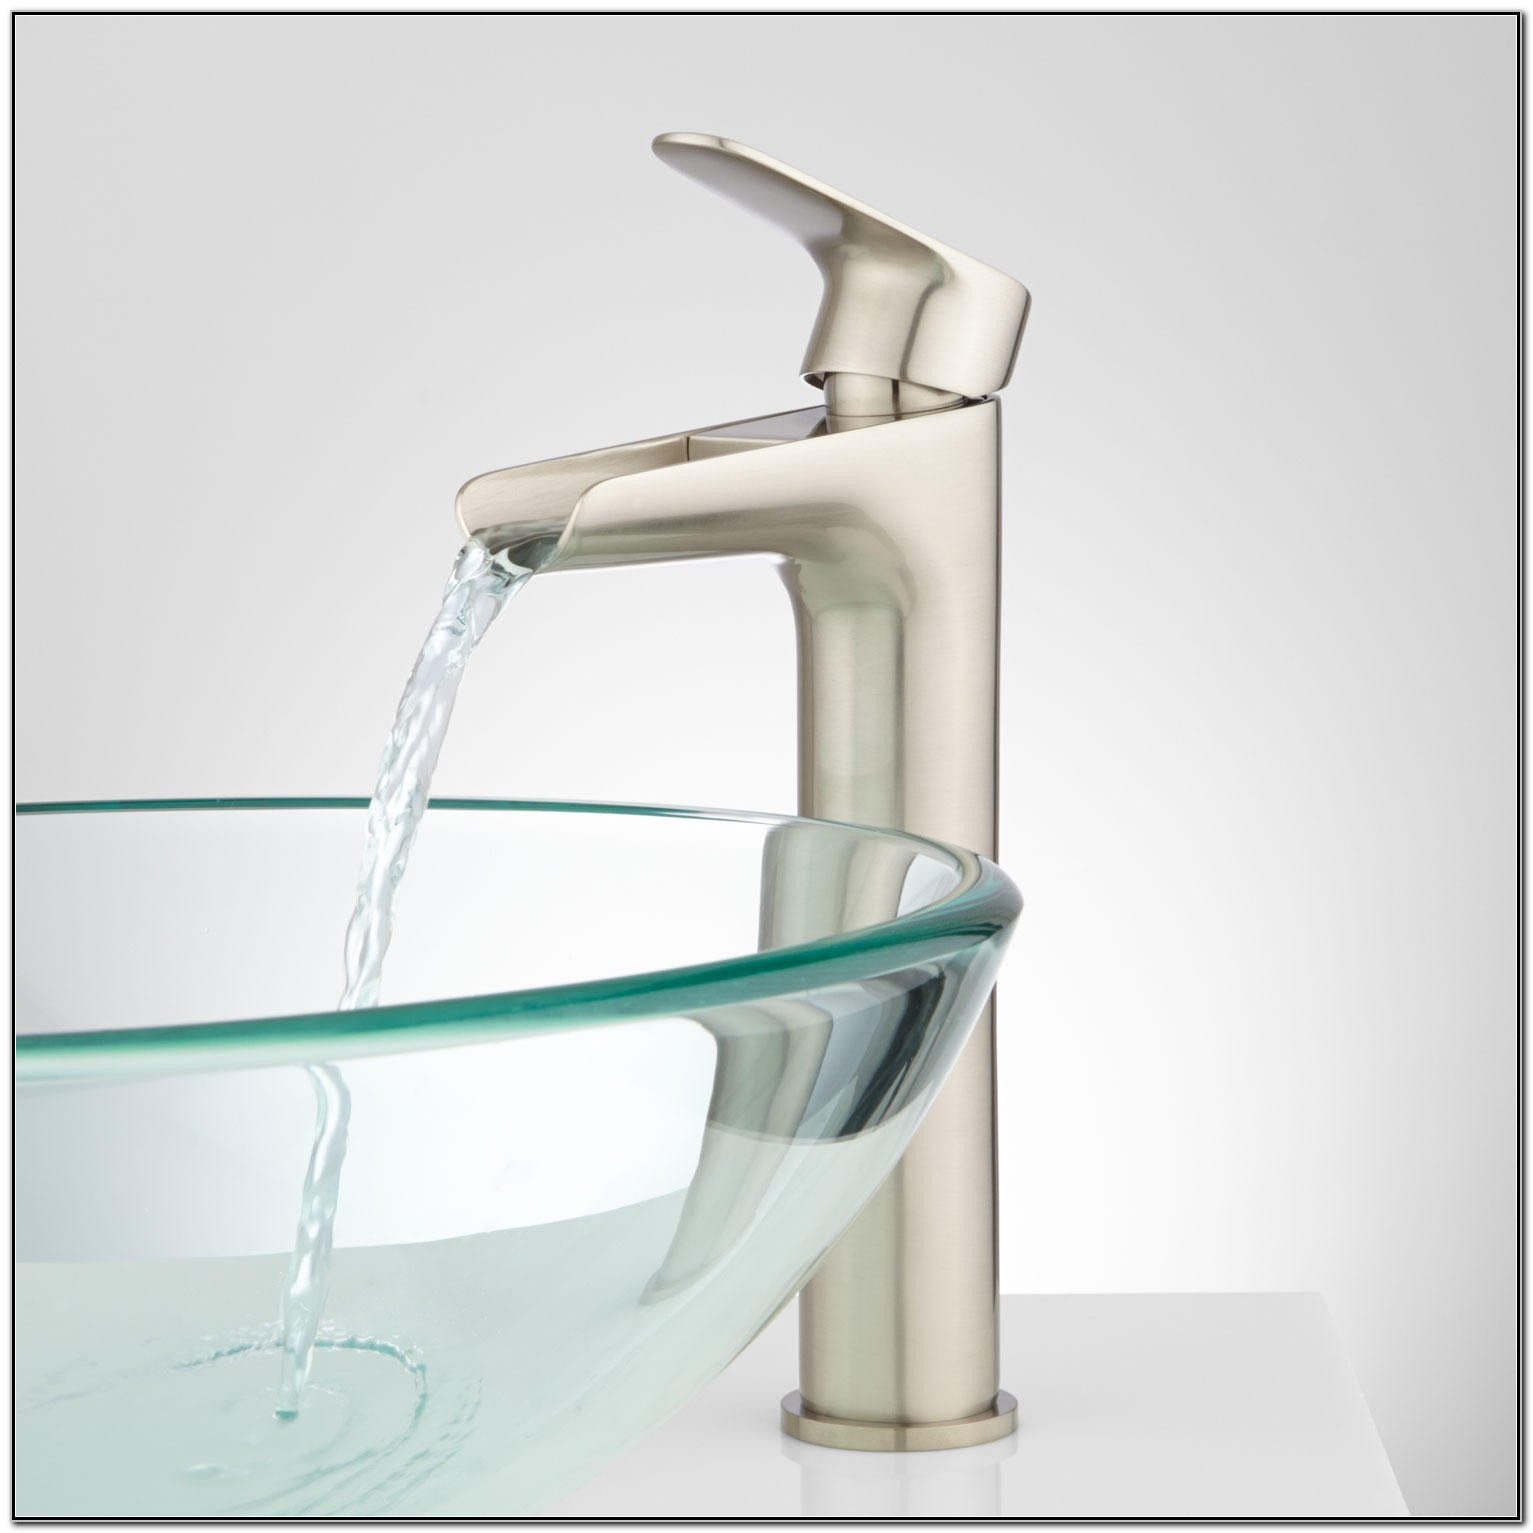 Waterfall Faucet Bathroom Vessel Sink